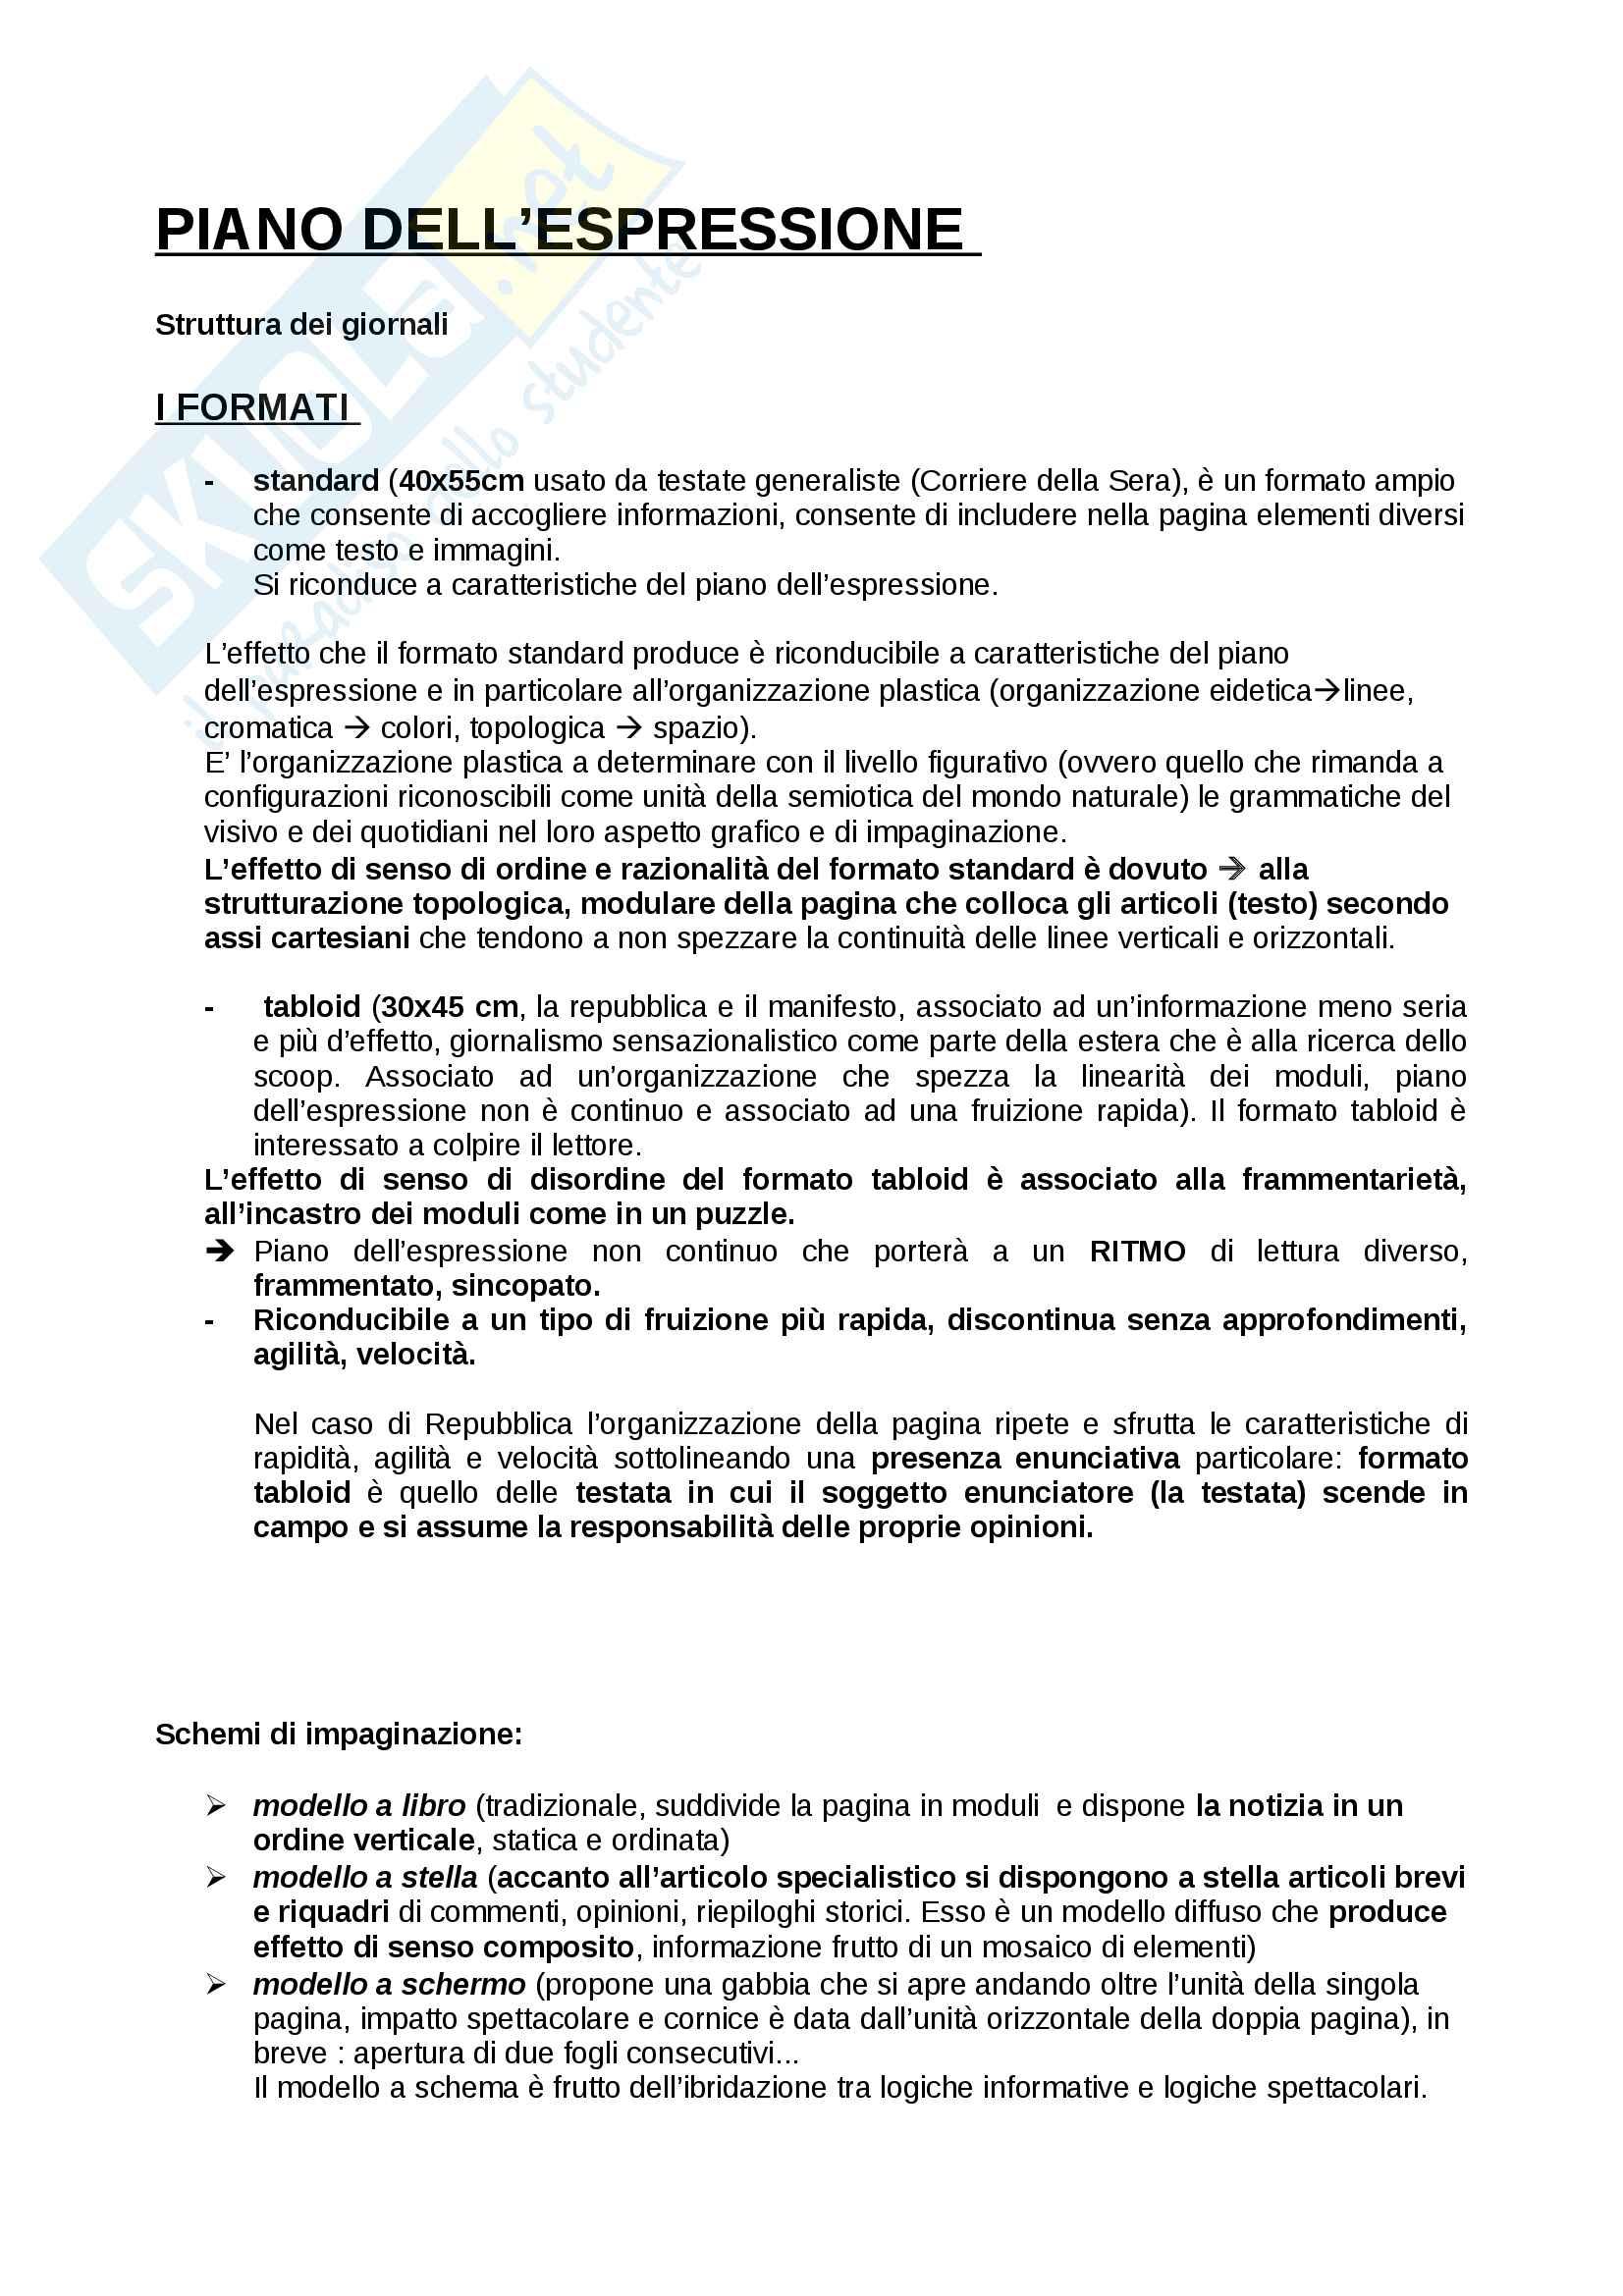 Semiotica del testo giornalistico - Appunti esame  - A. Lorusso, P. Violi